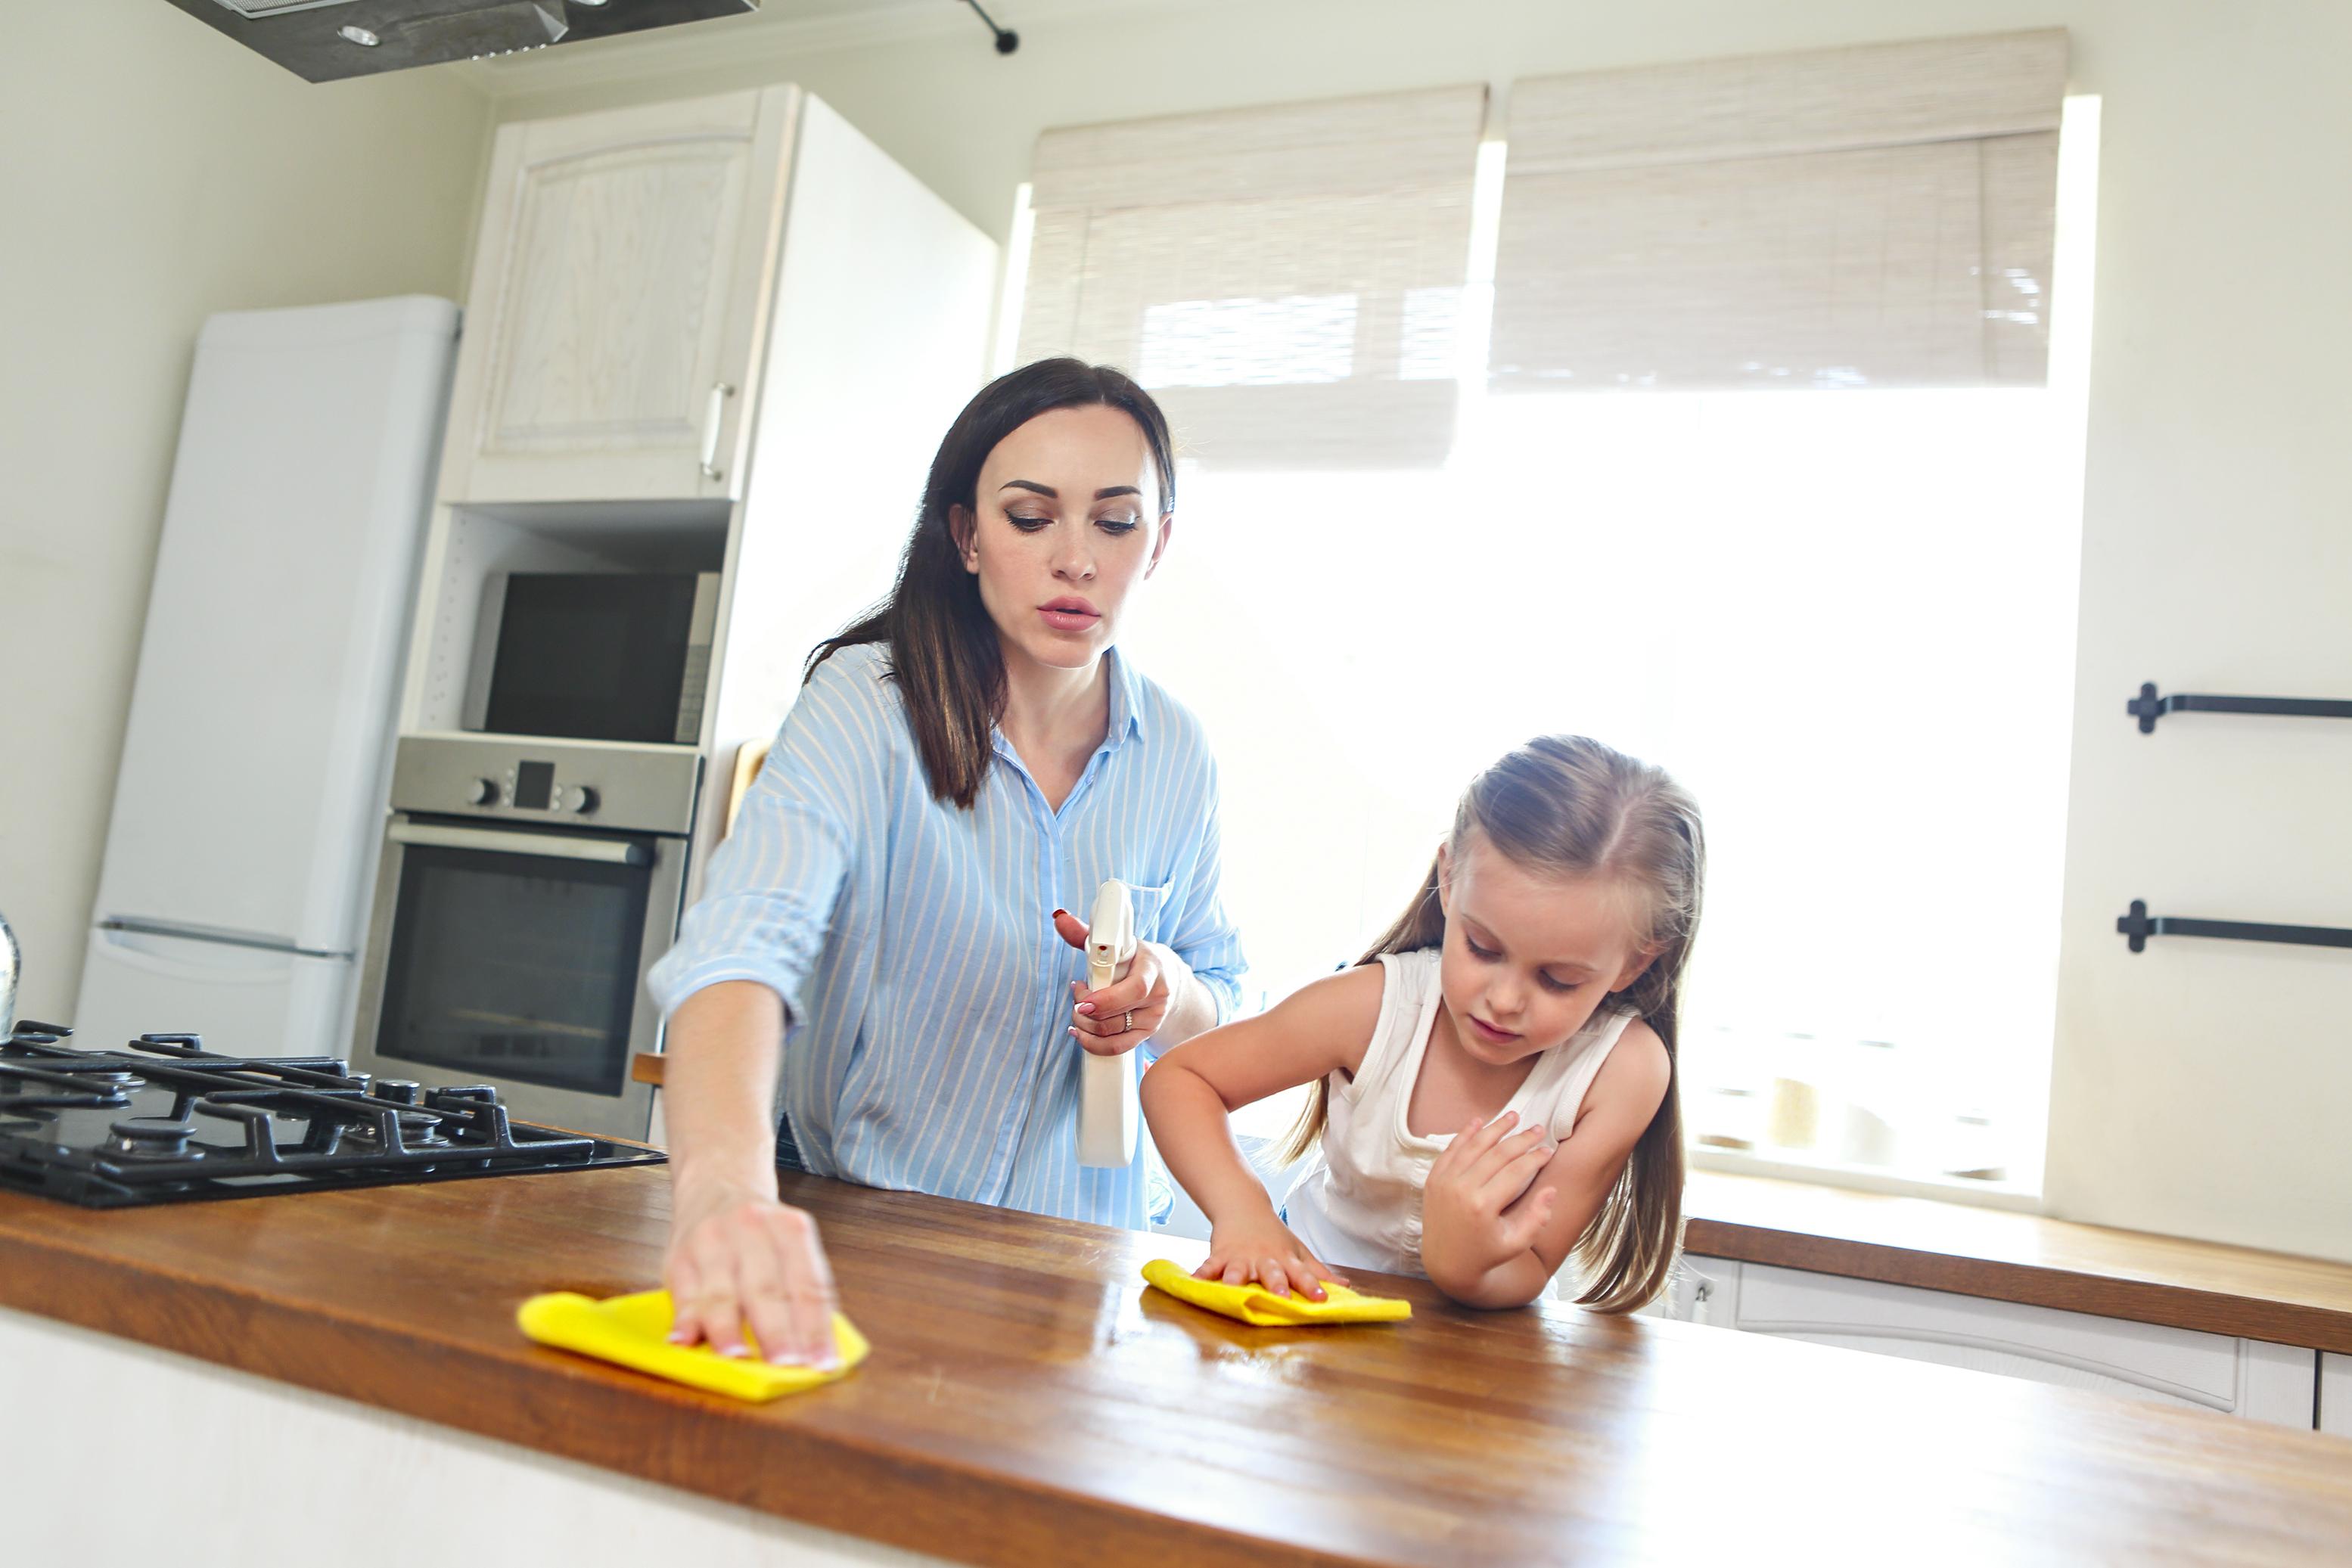 <p>Кухненските парцали, гъбите и четките са любимо убежище на бактериите. Ето защо след всяко използване те трябва да се изплакнат с гореща вода, а после задължително да се подсушат. Кухненските гъби и парцали не бива да се ползват по-дълго от няколко дена. След това трябва или да ги смените, или да ги пуснете в пералнята на 70 градуса.</p>